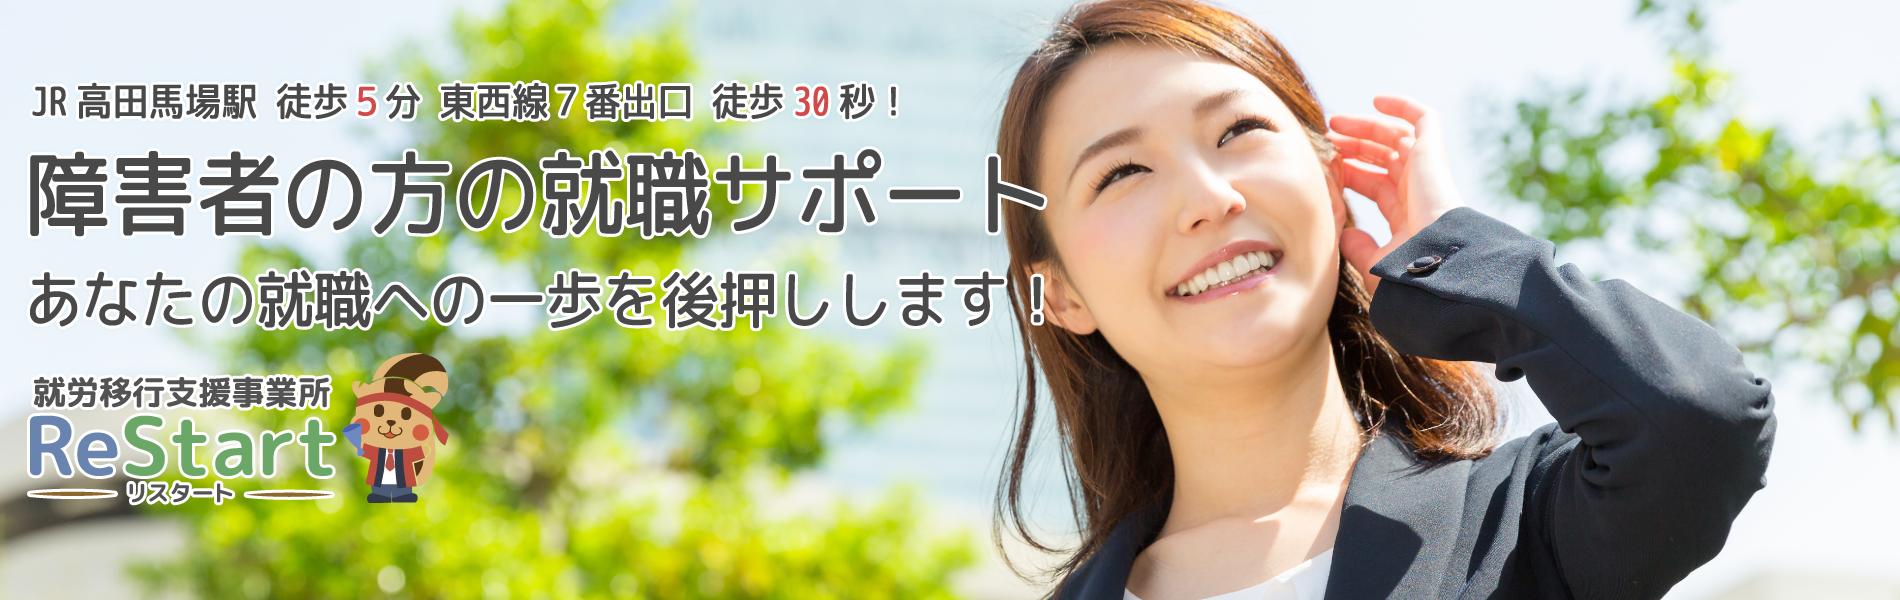 高田馬場の就労移行支援事業所リスタート